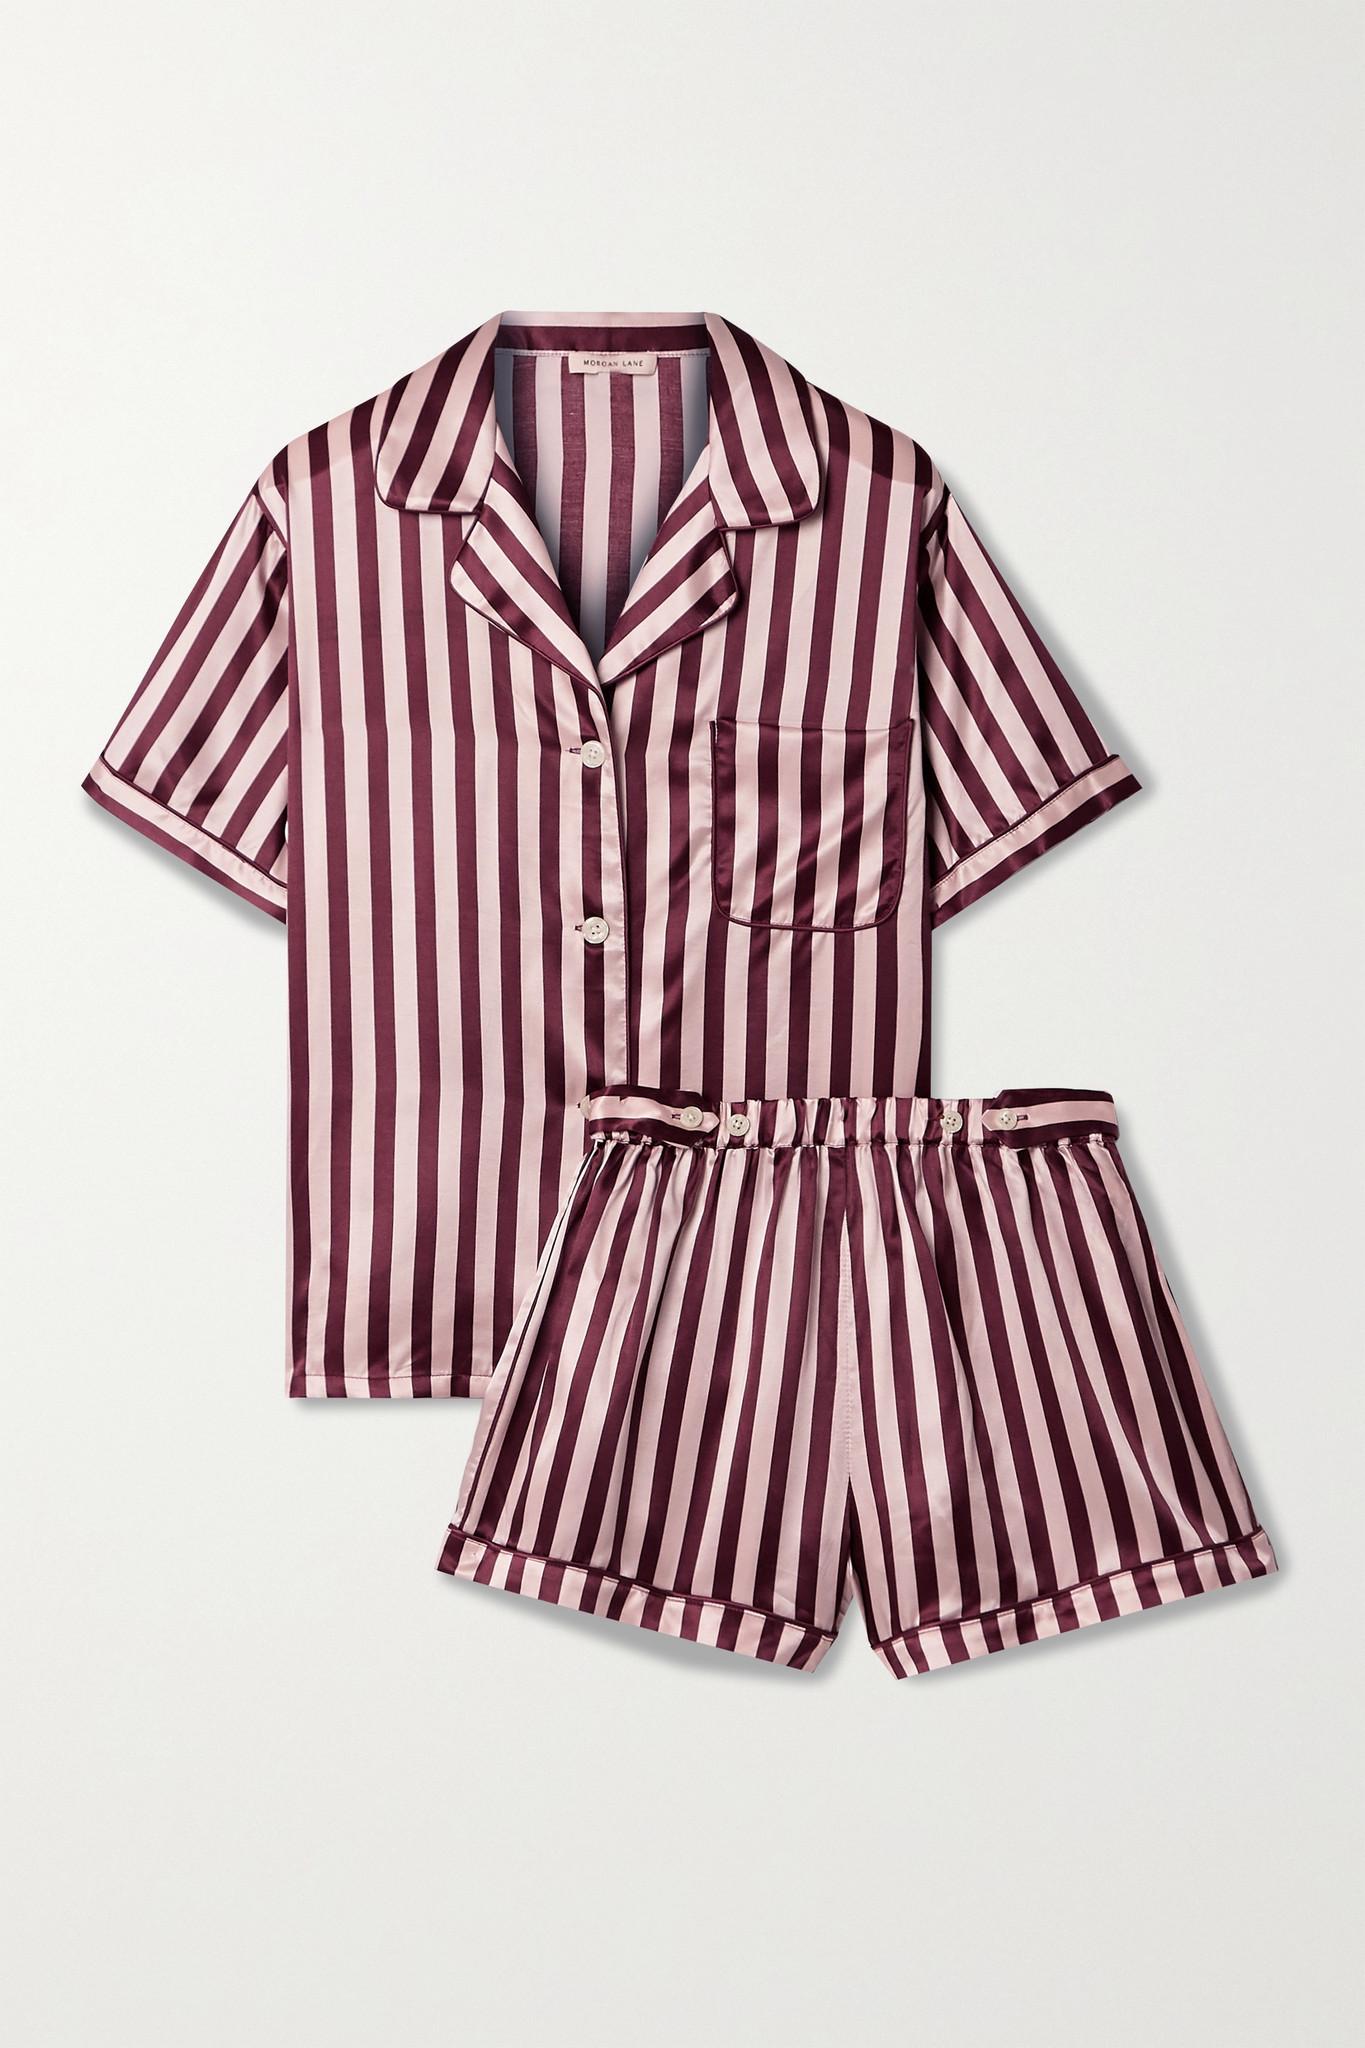 MORGAN LANE - Katelyn Corey Striped Satin Pajama Set - Purple - x small